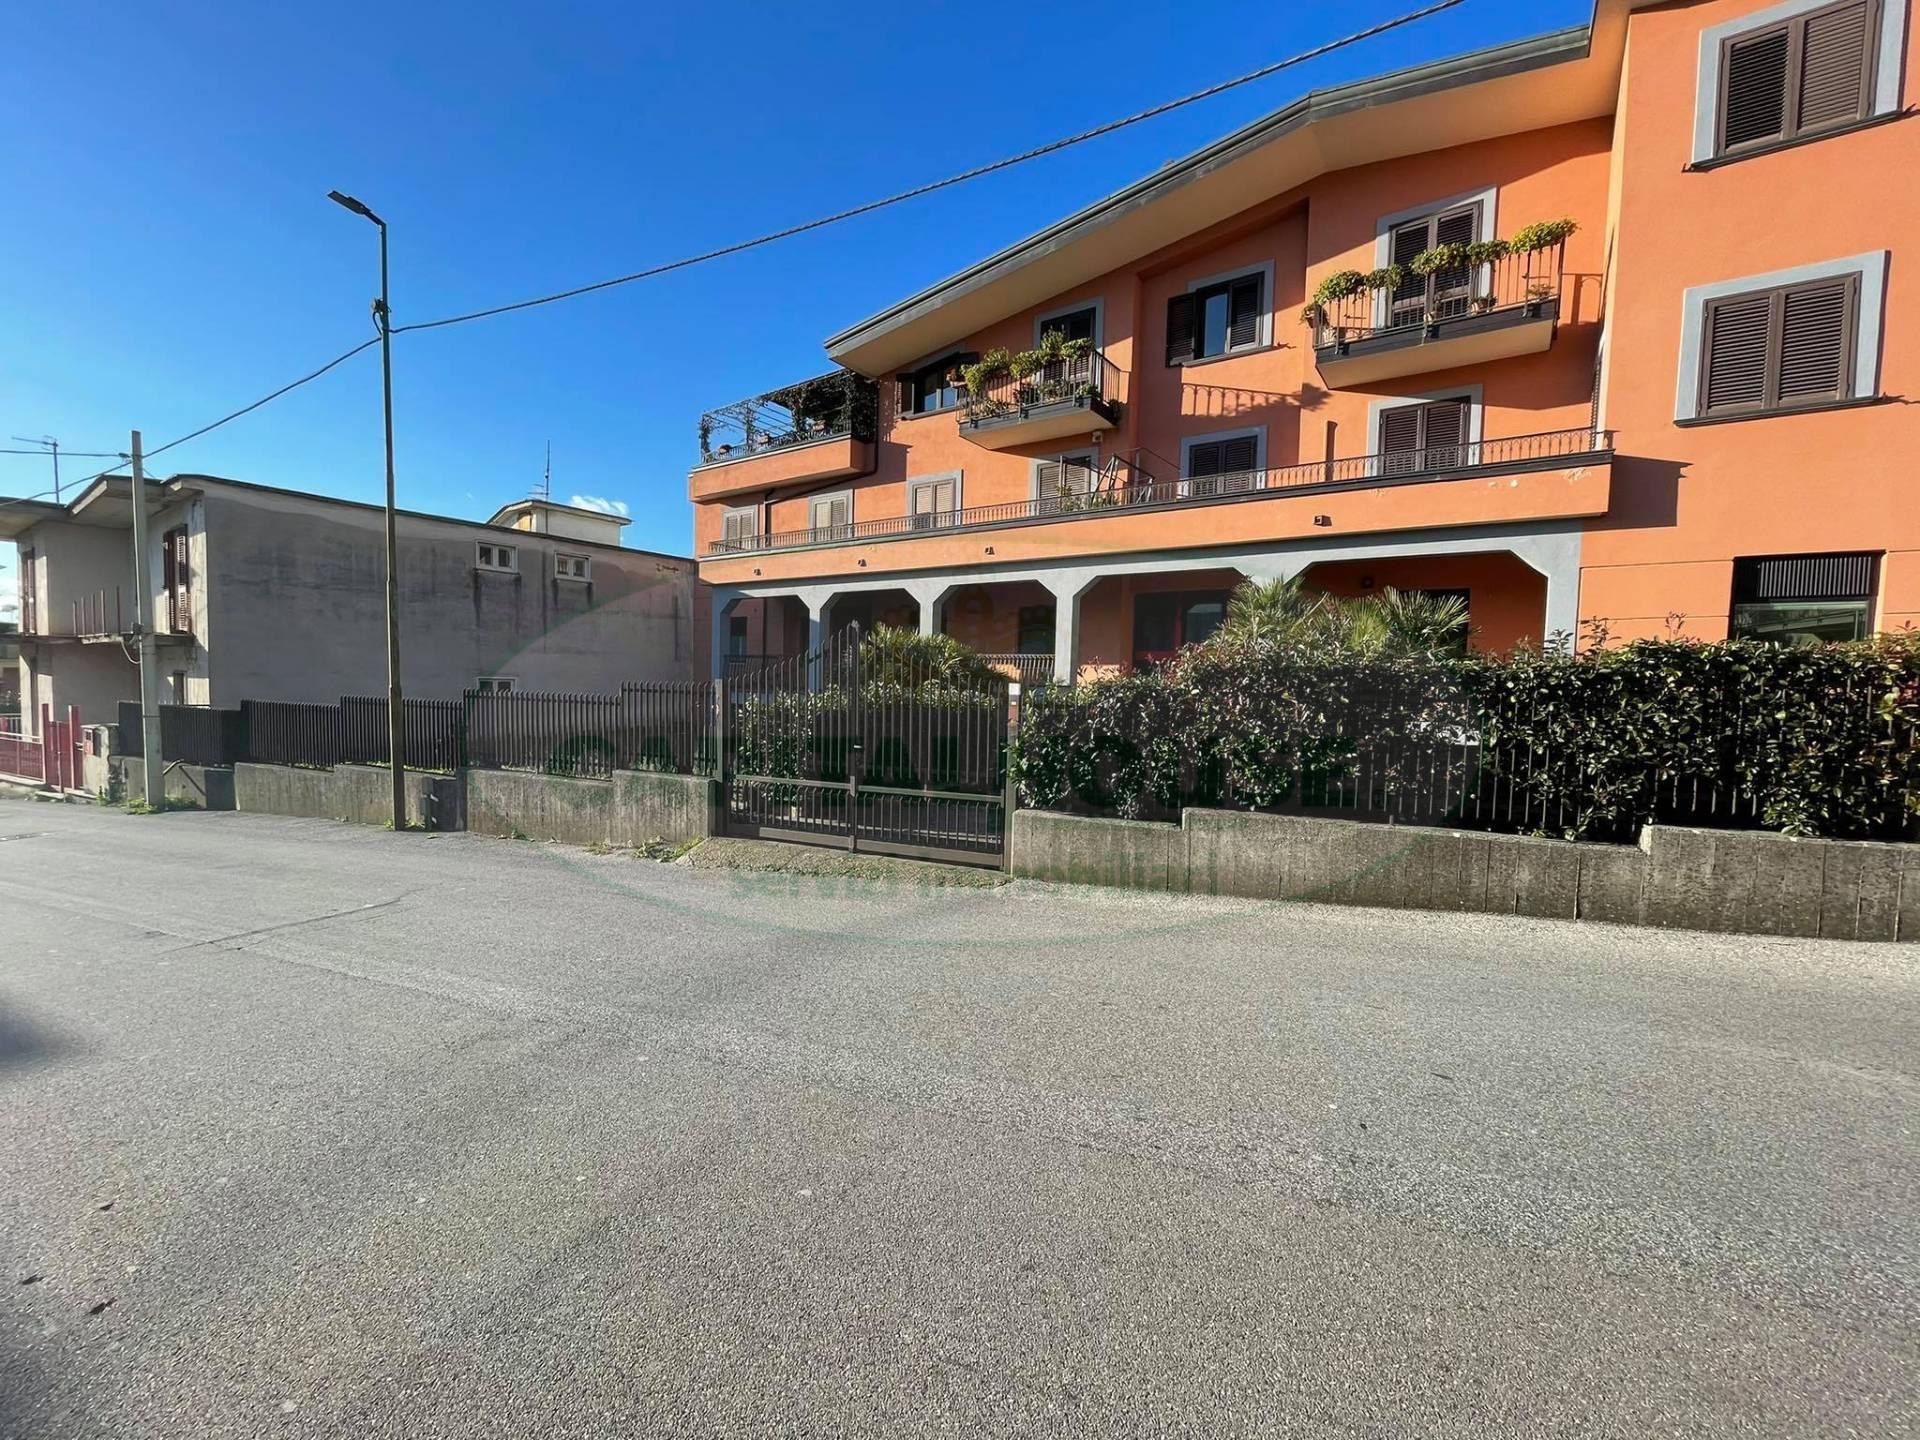 Negozio / Locale in affitto a Avella, 9999 locali, prezzo € 850   CambioCasa.it